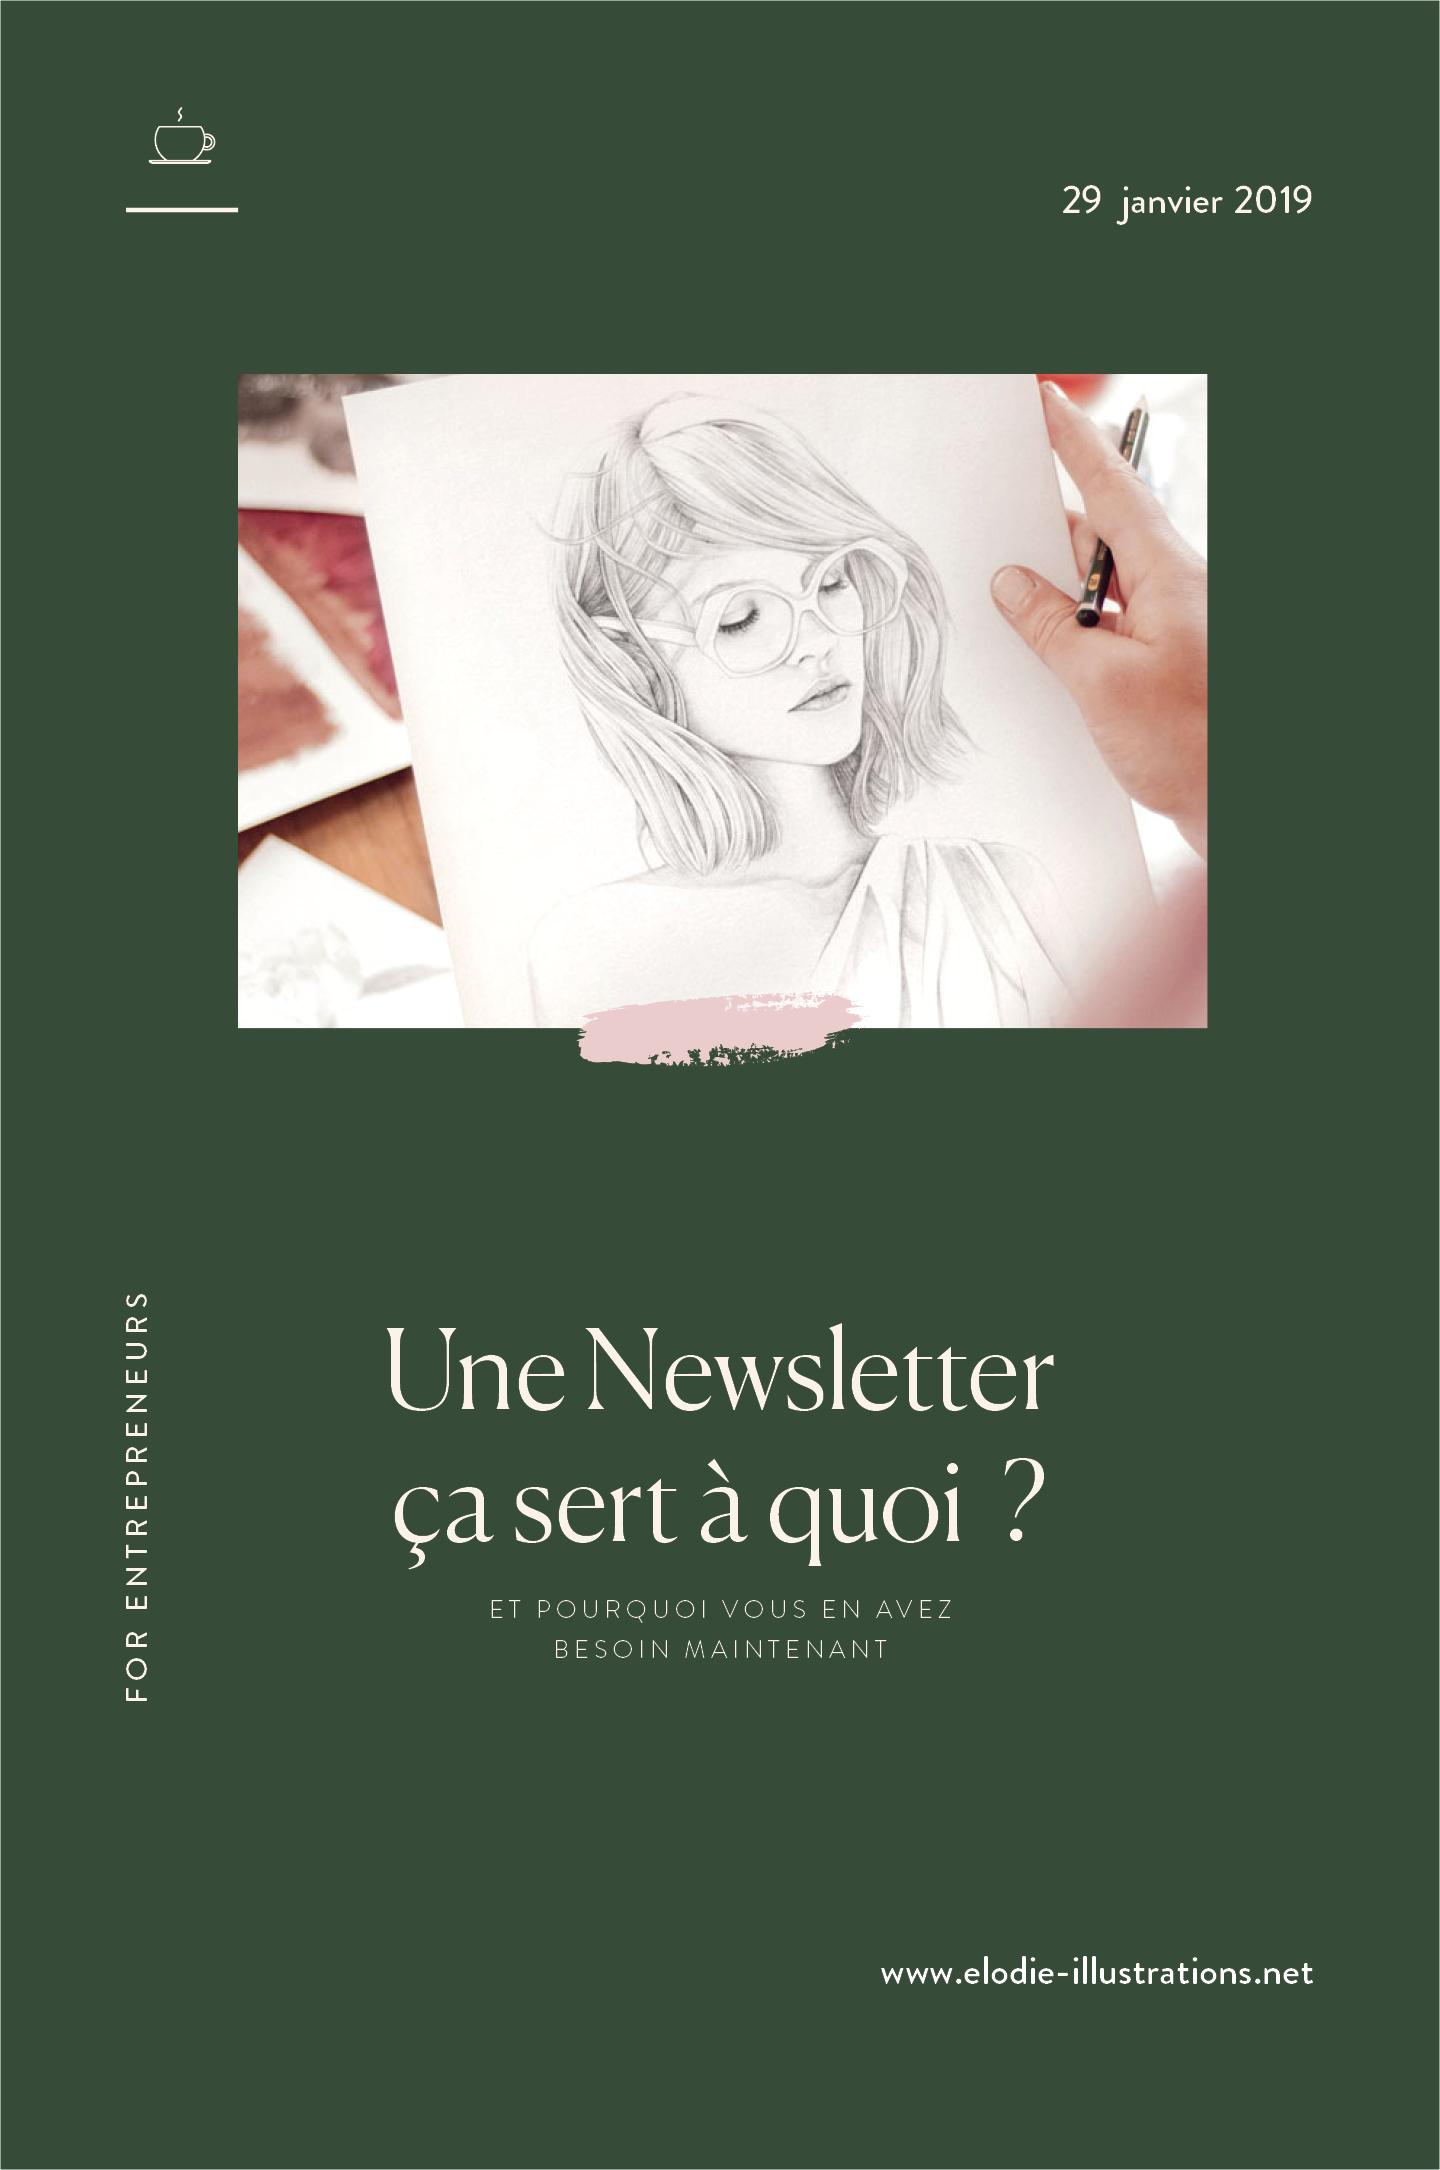 A quoi sert une newsletter ? Illustrateurs et graphistes, dans cette article je vous donne 5 raisons d'en créer une aujourd'hui. - Cliquez pour découvrir l'article